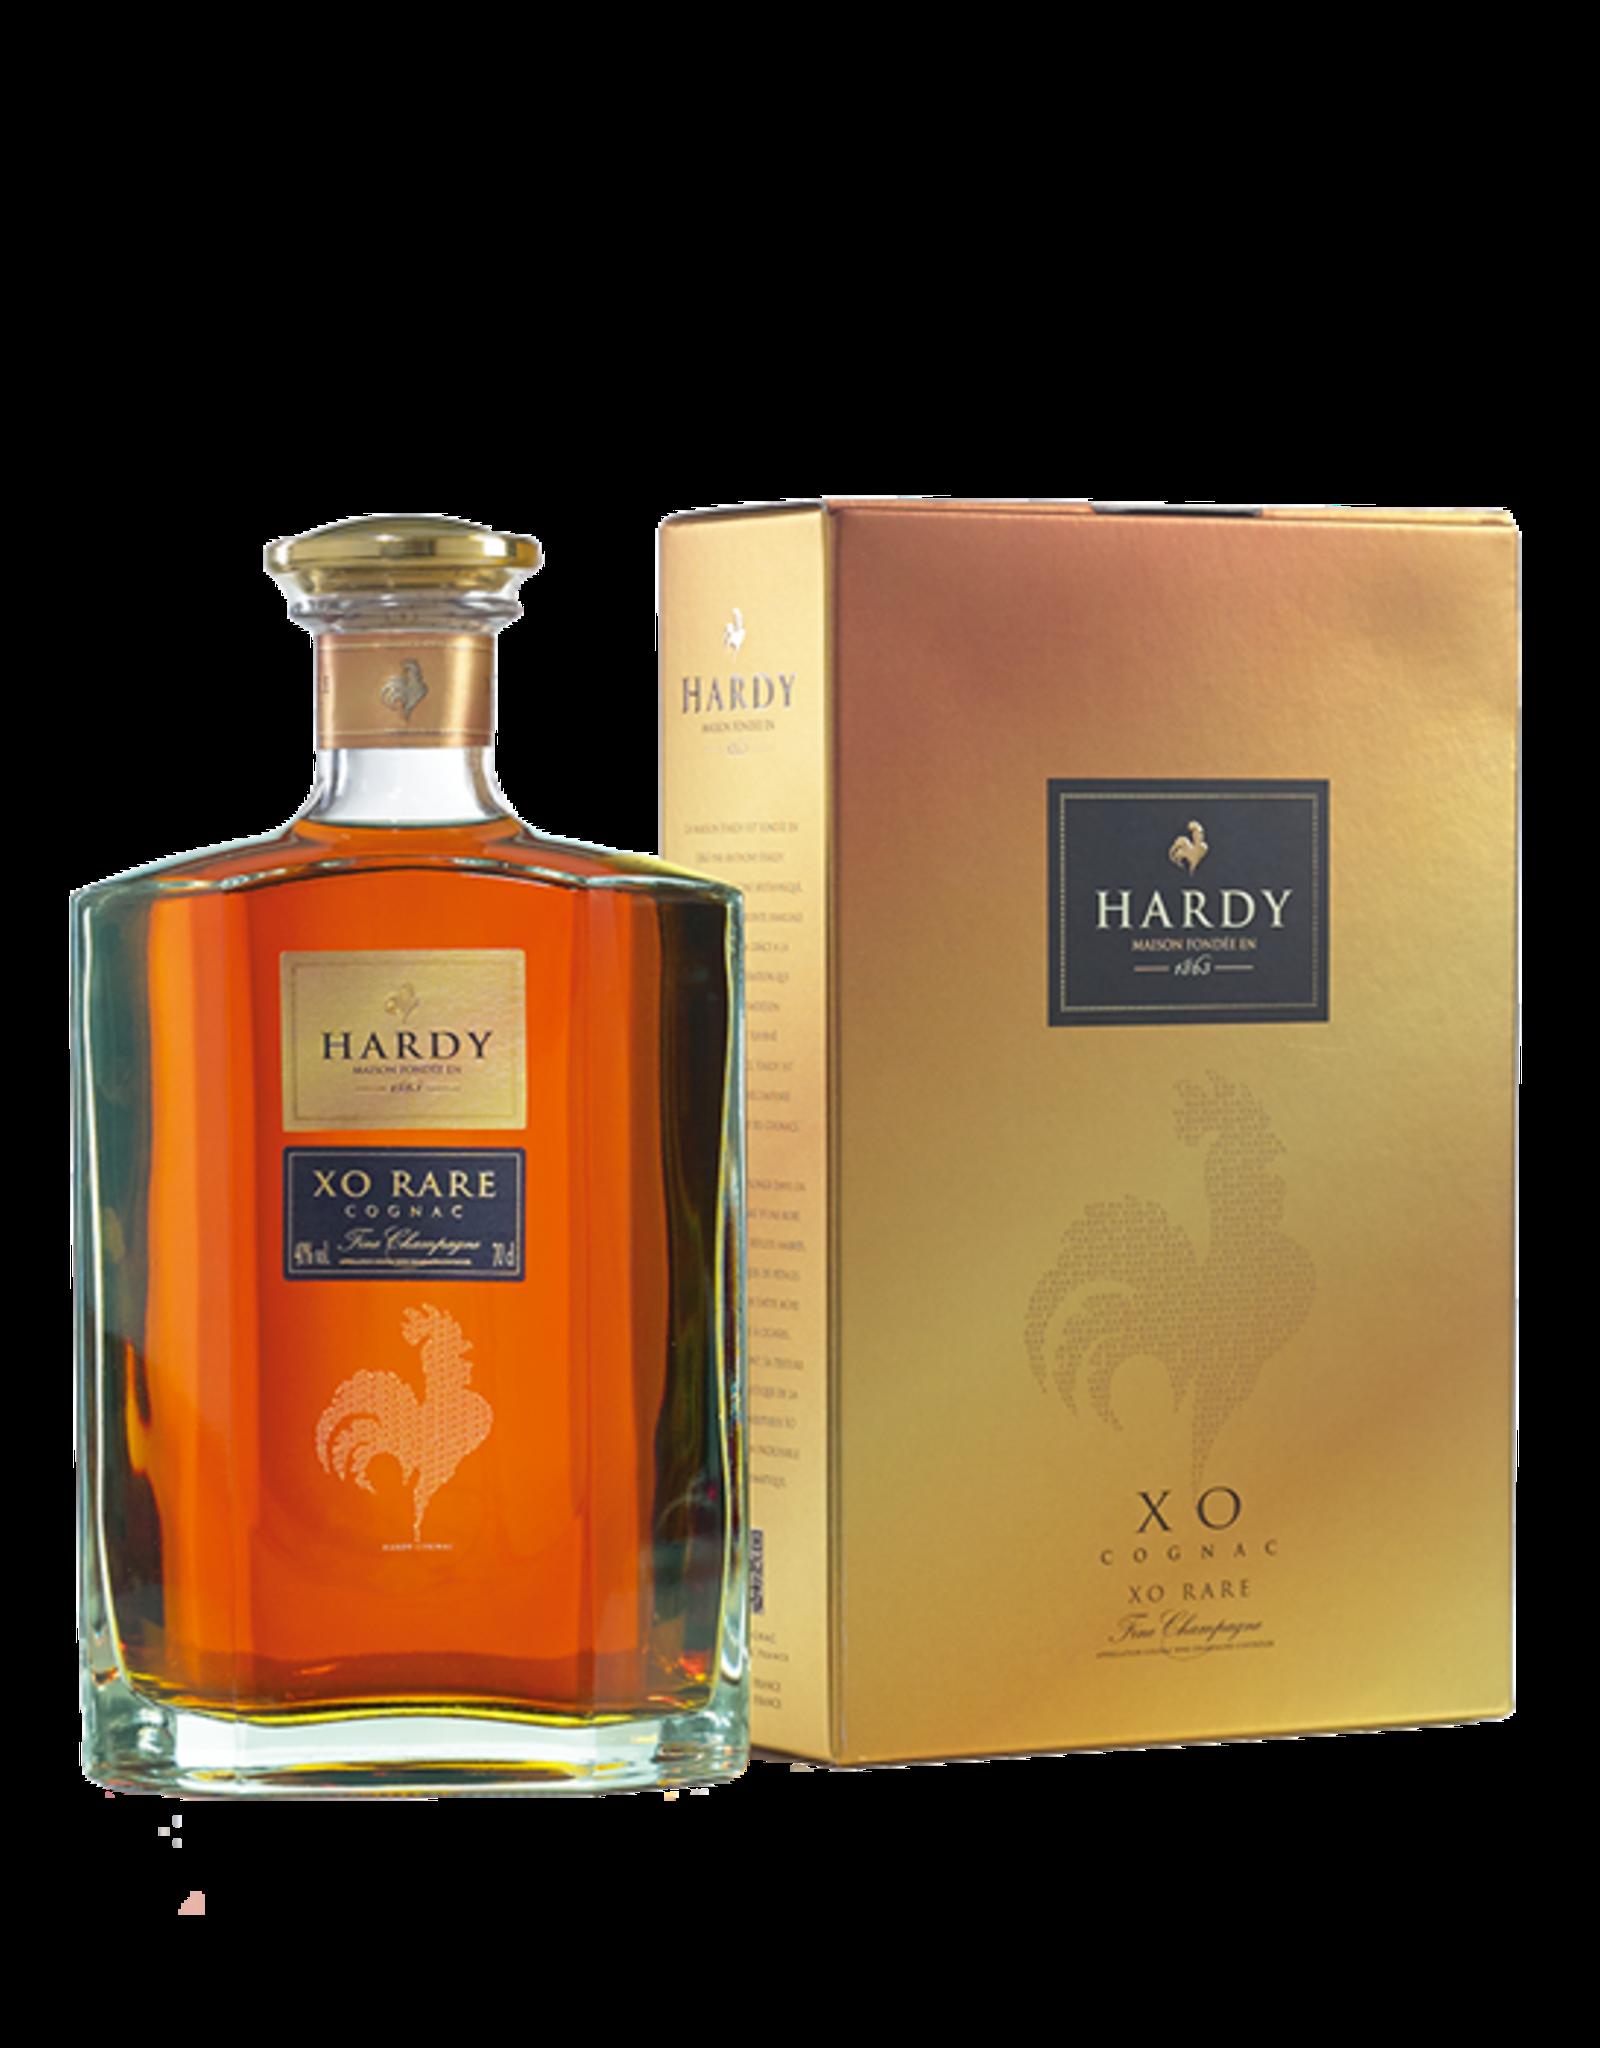 Hardy XO Rare Cognac